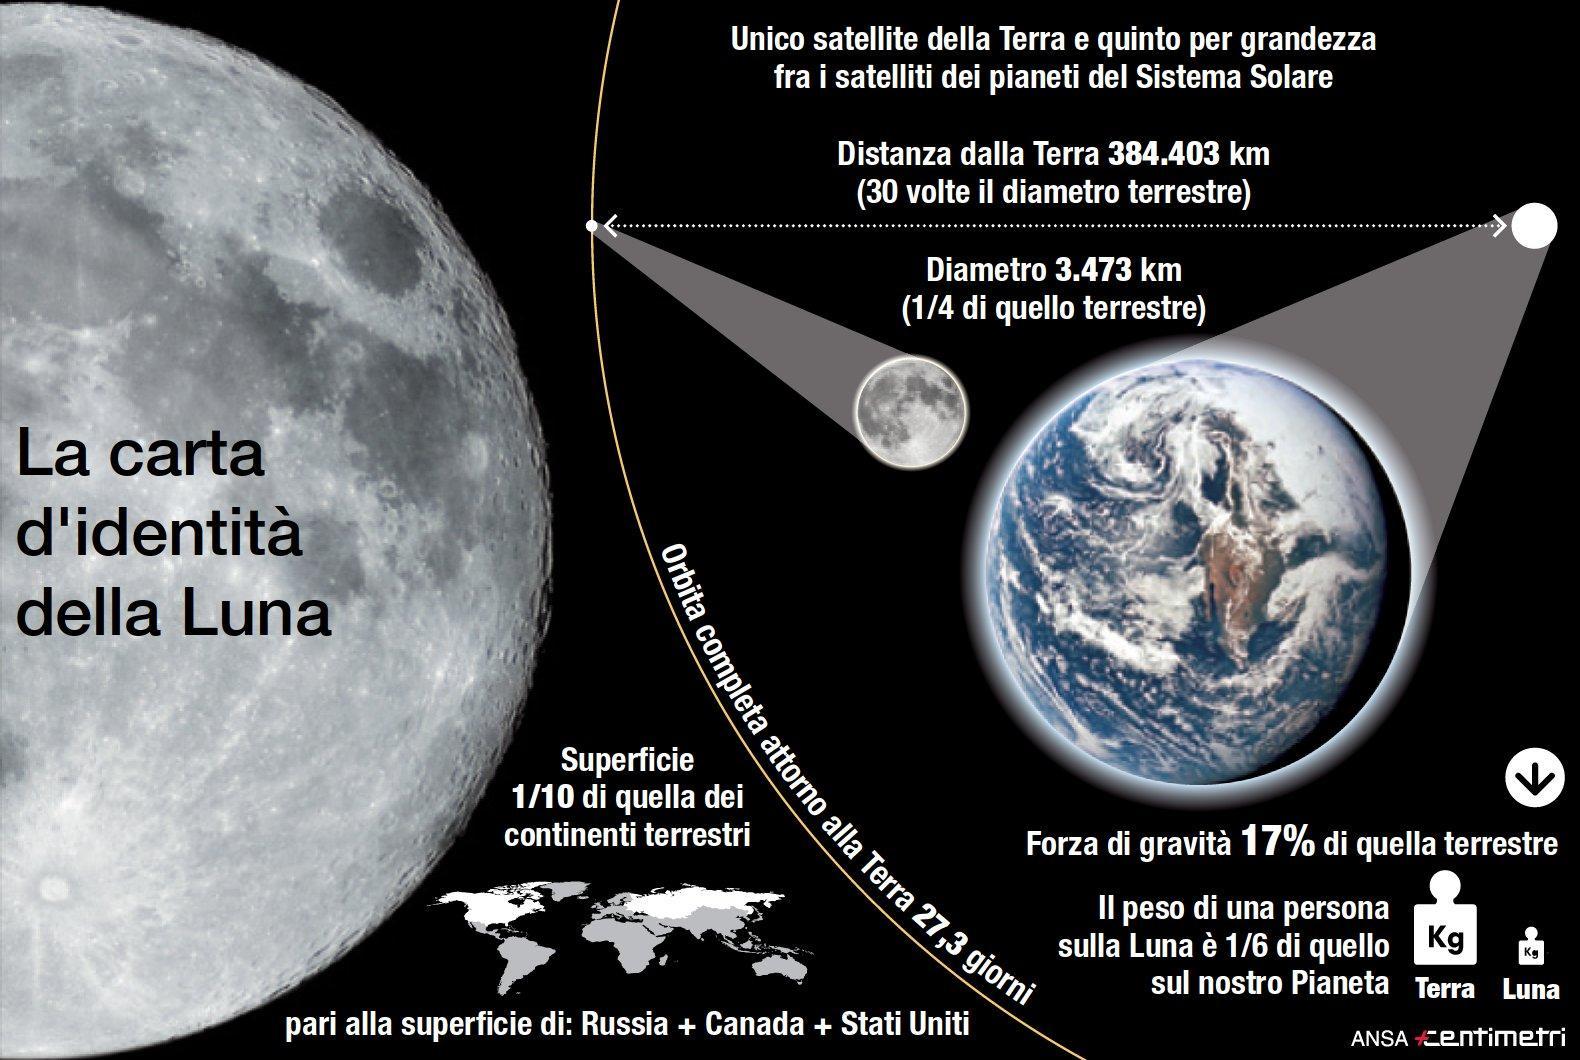 Sbarco sulla Luna, la carta d identità del nostro satellite